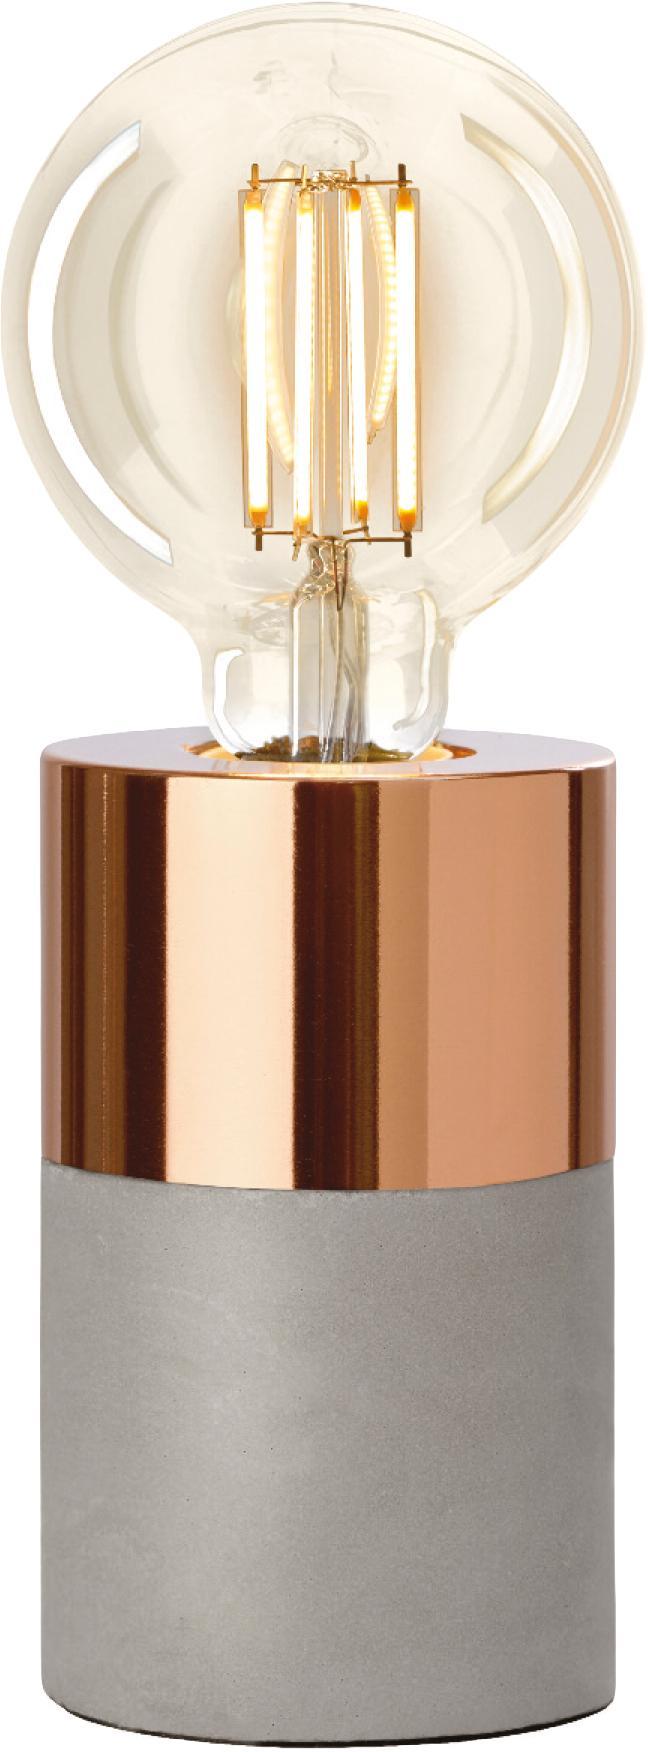 Beton-Tischlampe Athen, Grau, Kupfer, Ø 8 x H 14 cm